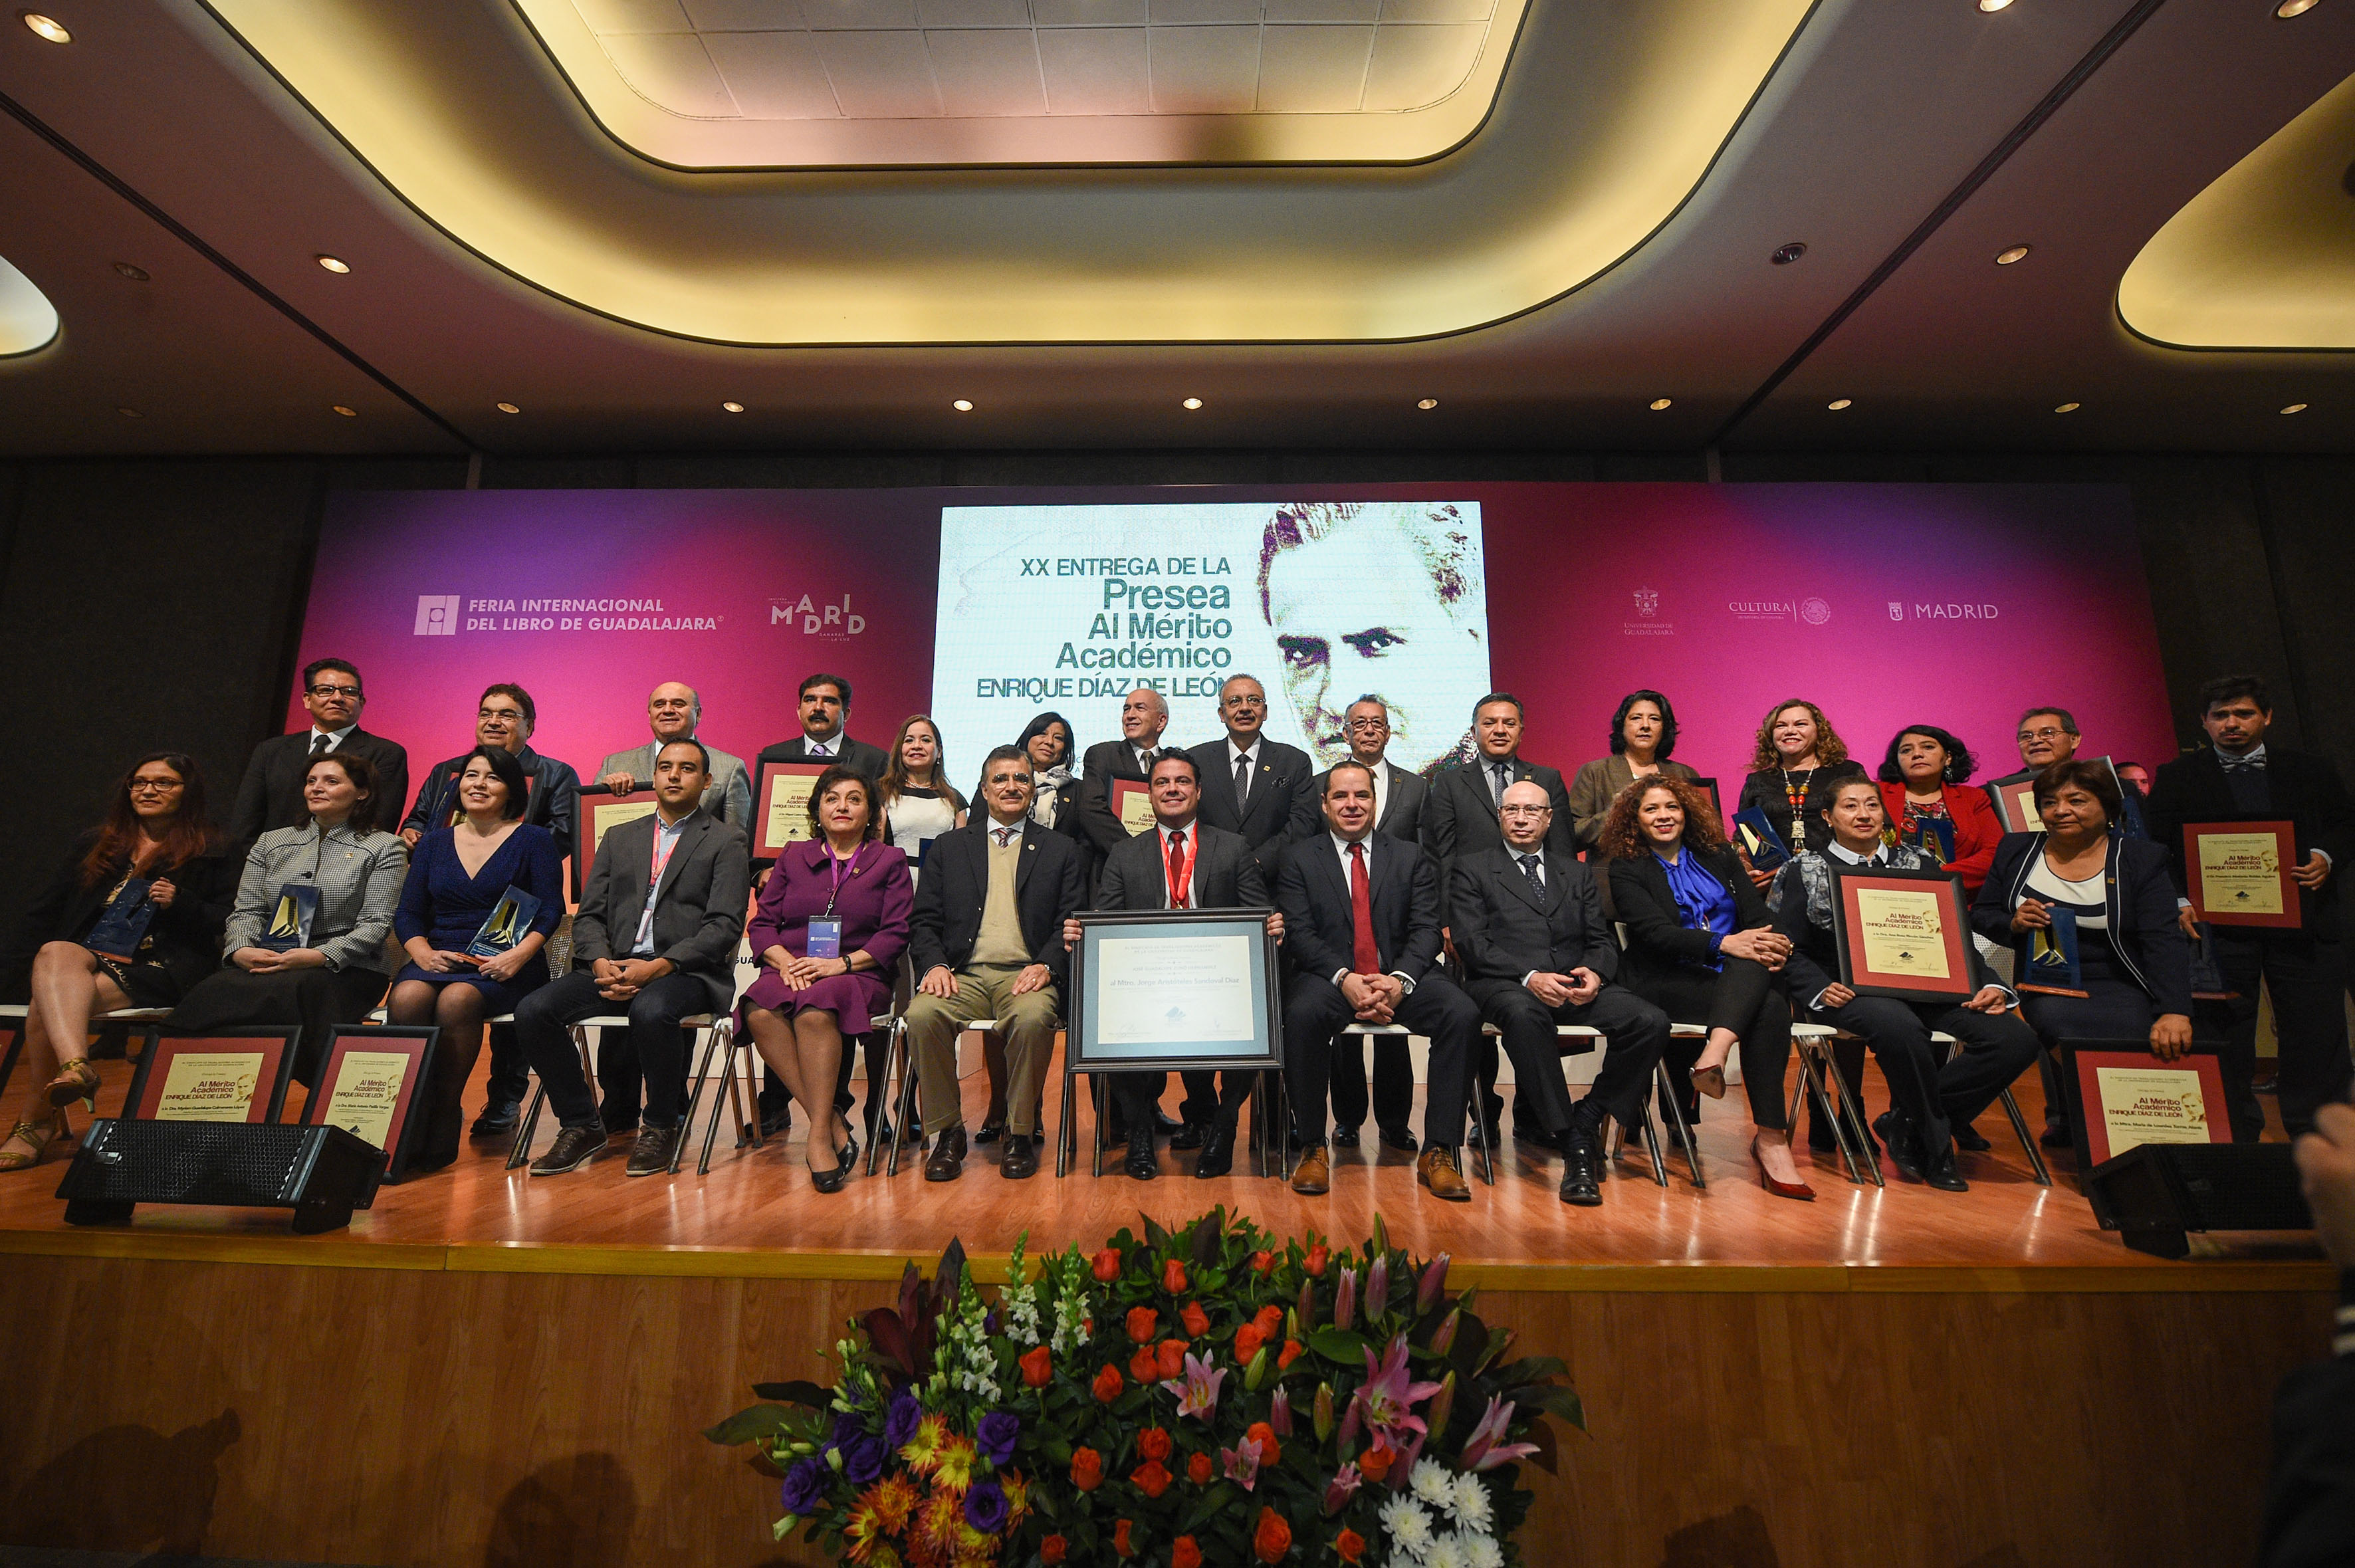 Foto grupal de académicos galardonados y autoridades universitarias con el gobernador del estado.